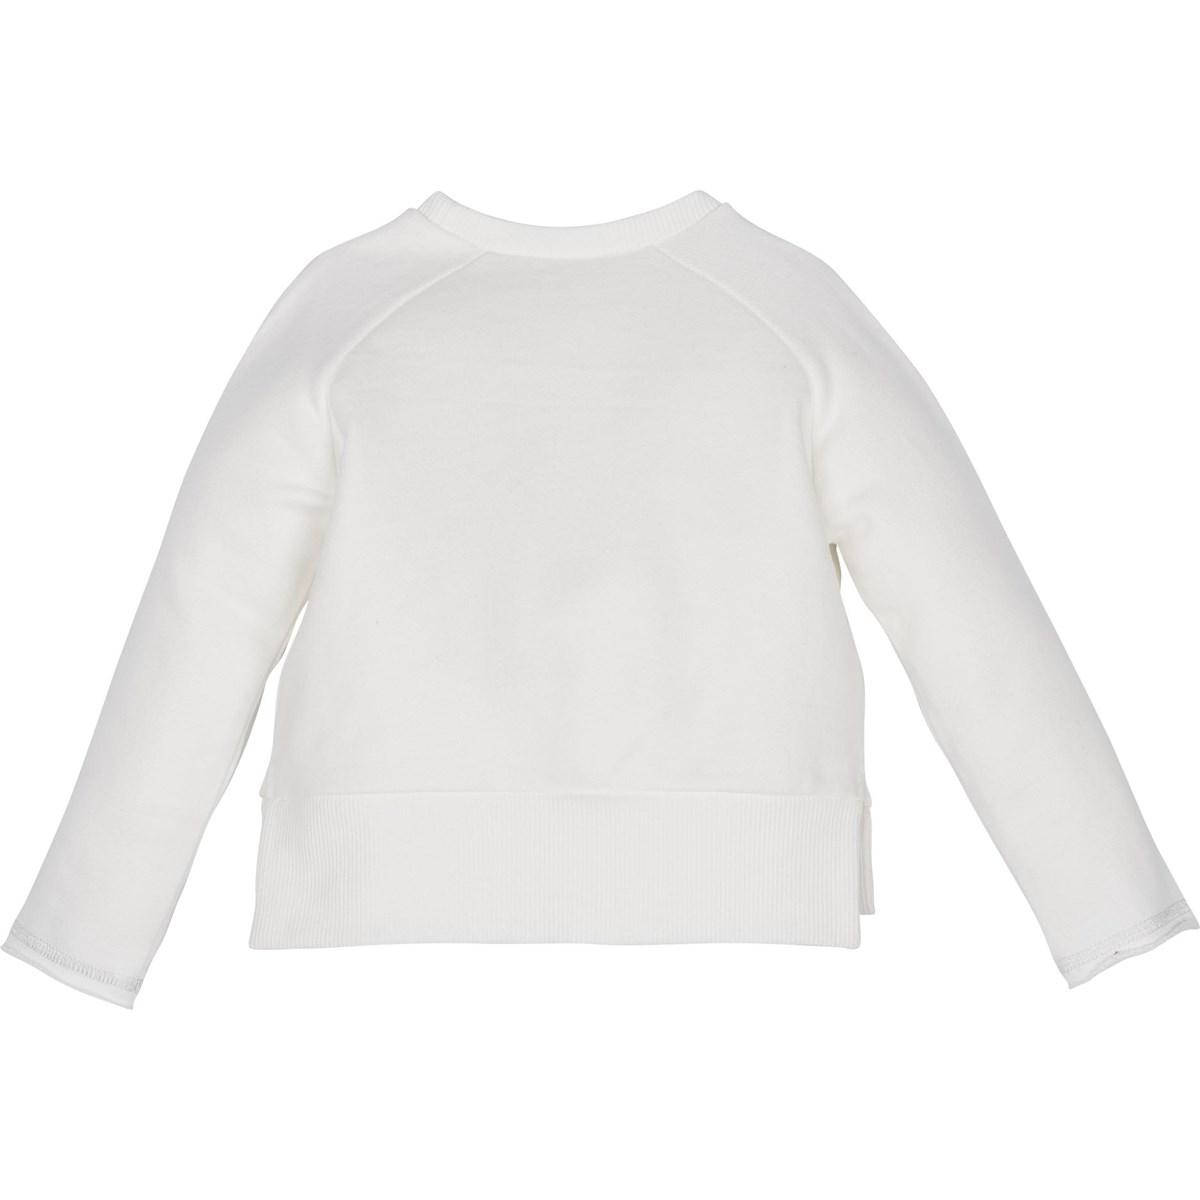 12413 Sweatshirt 2